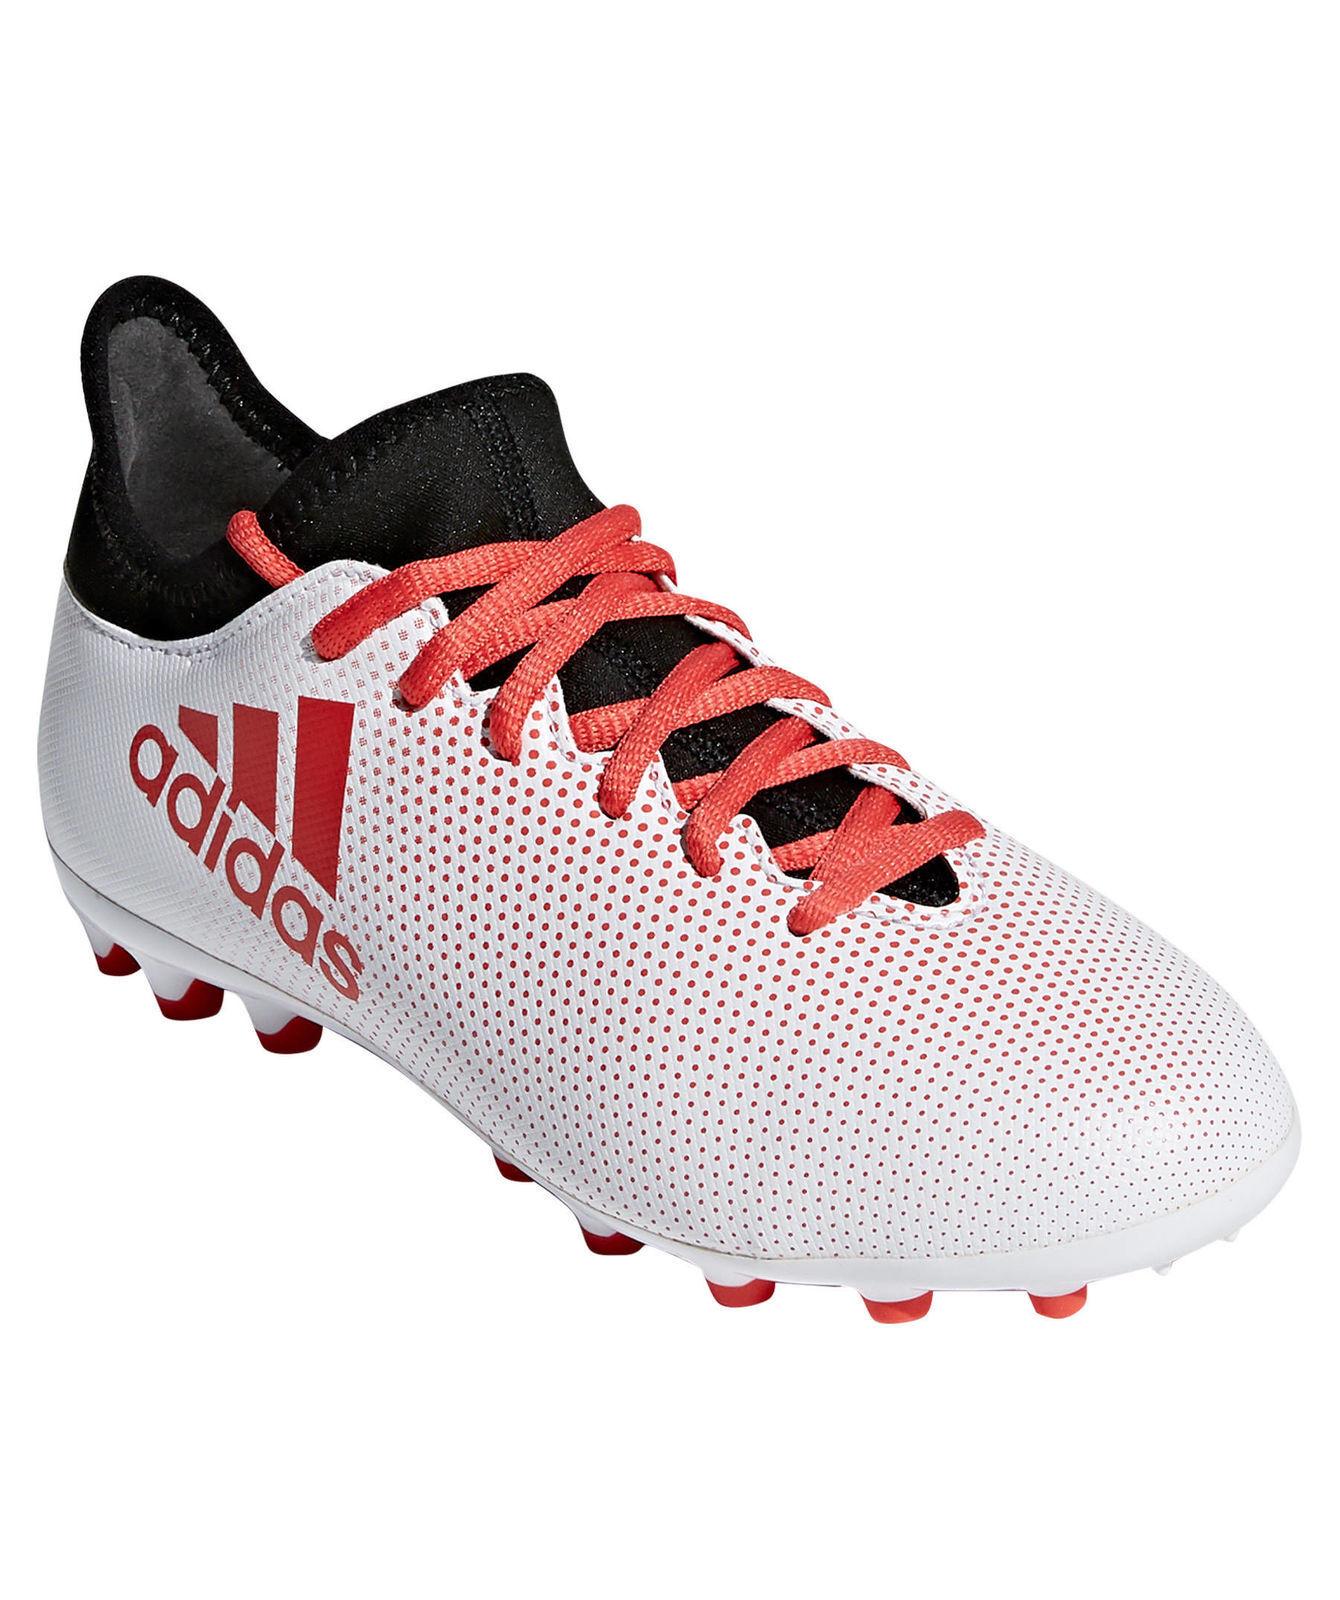 Adidas X 17.3 AG Sohle Herren Fußballschuh CP9234